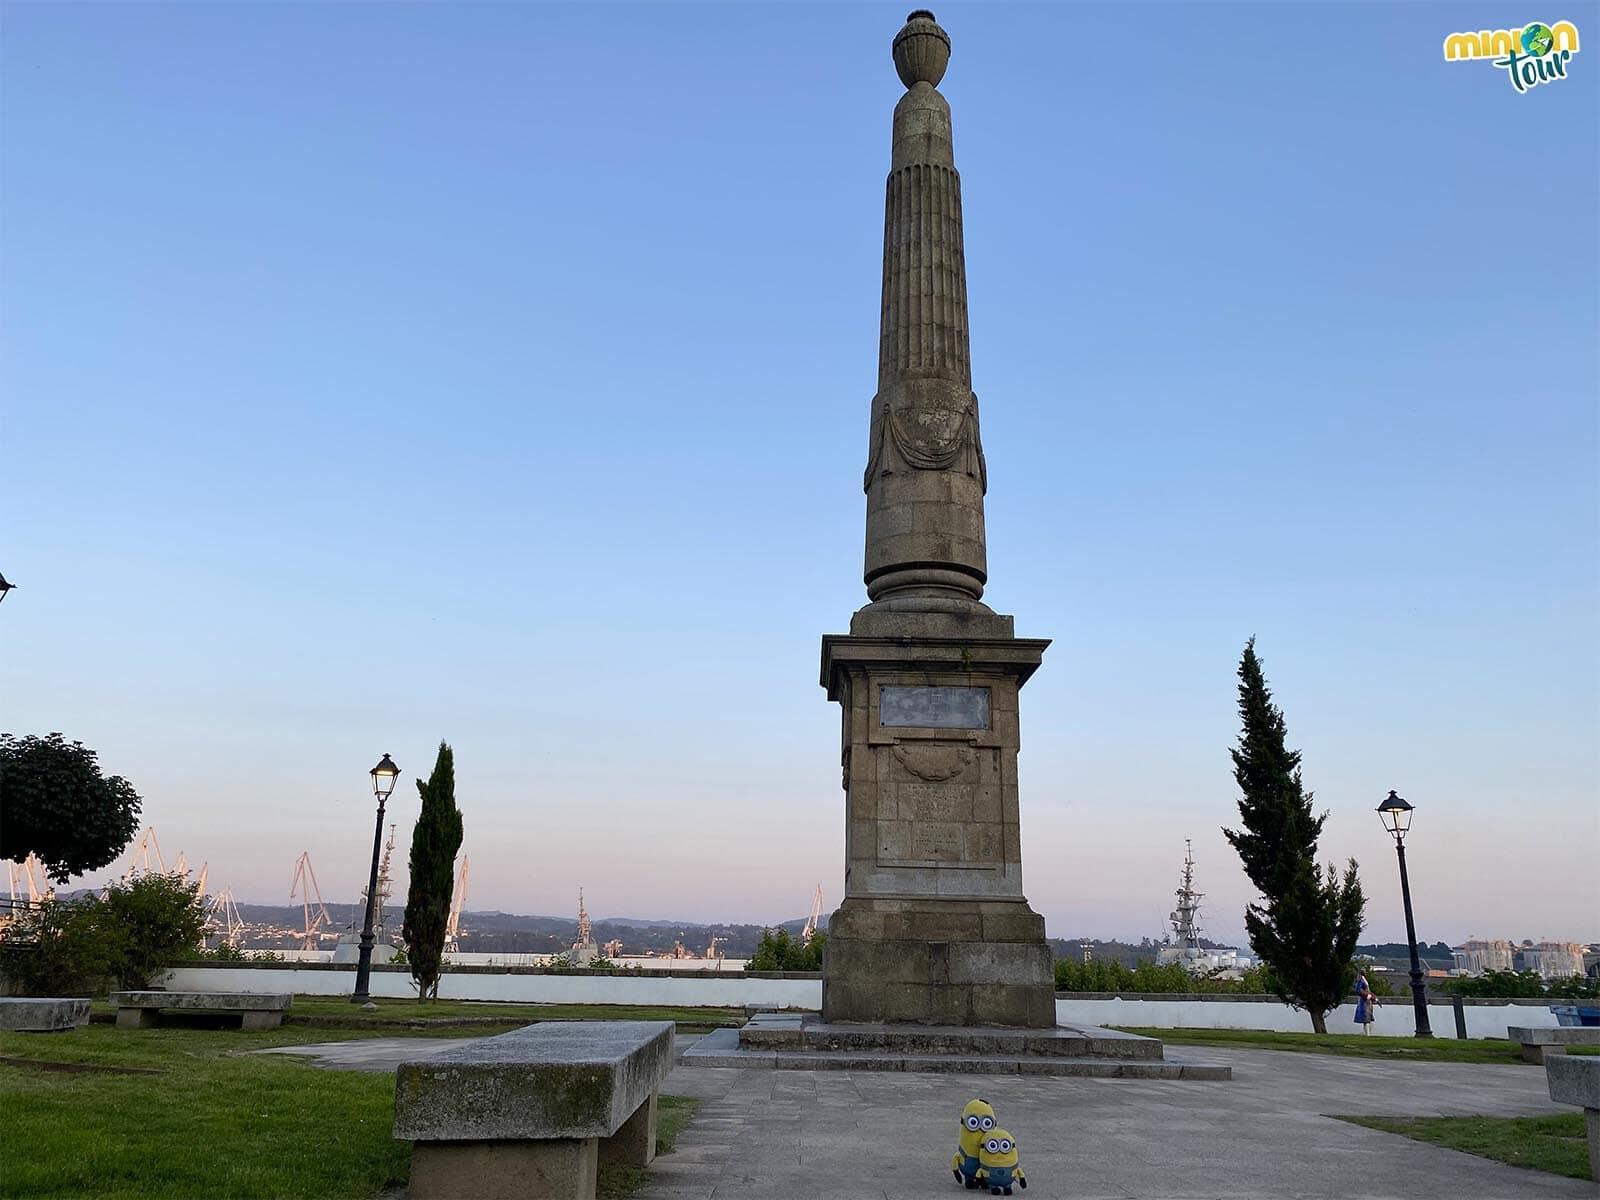 Este obelisco y sus jardines están en un rincón muy cuqui de Ferrol